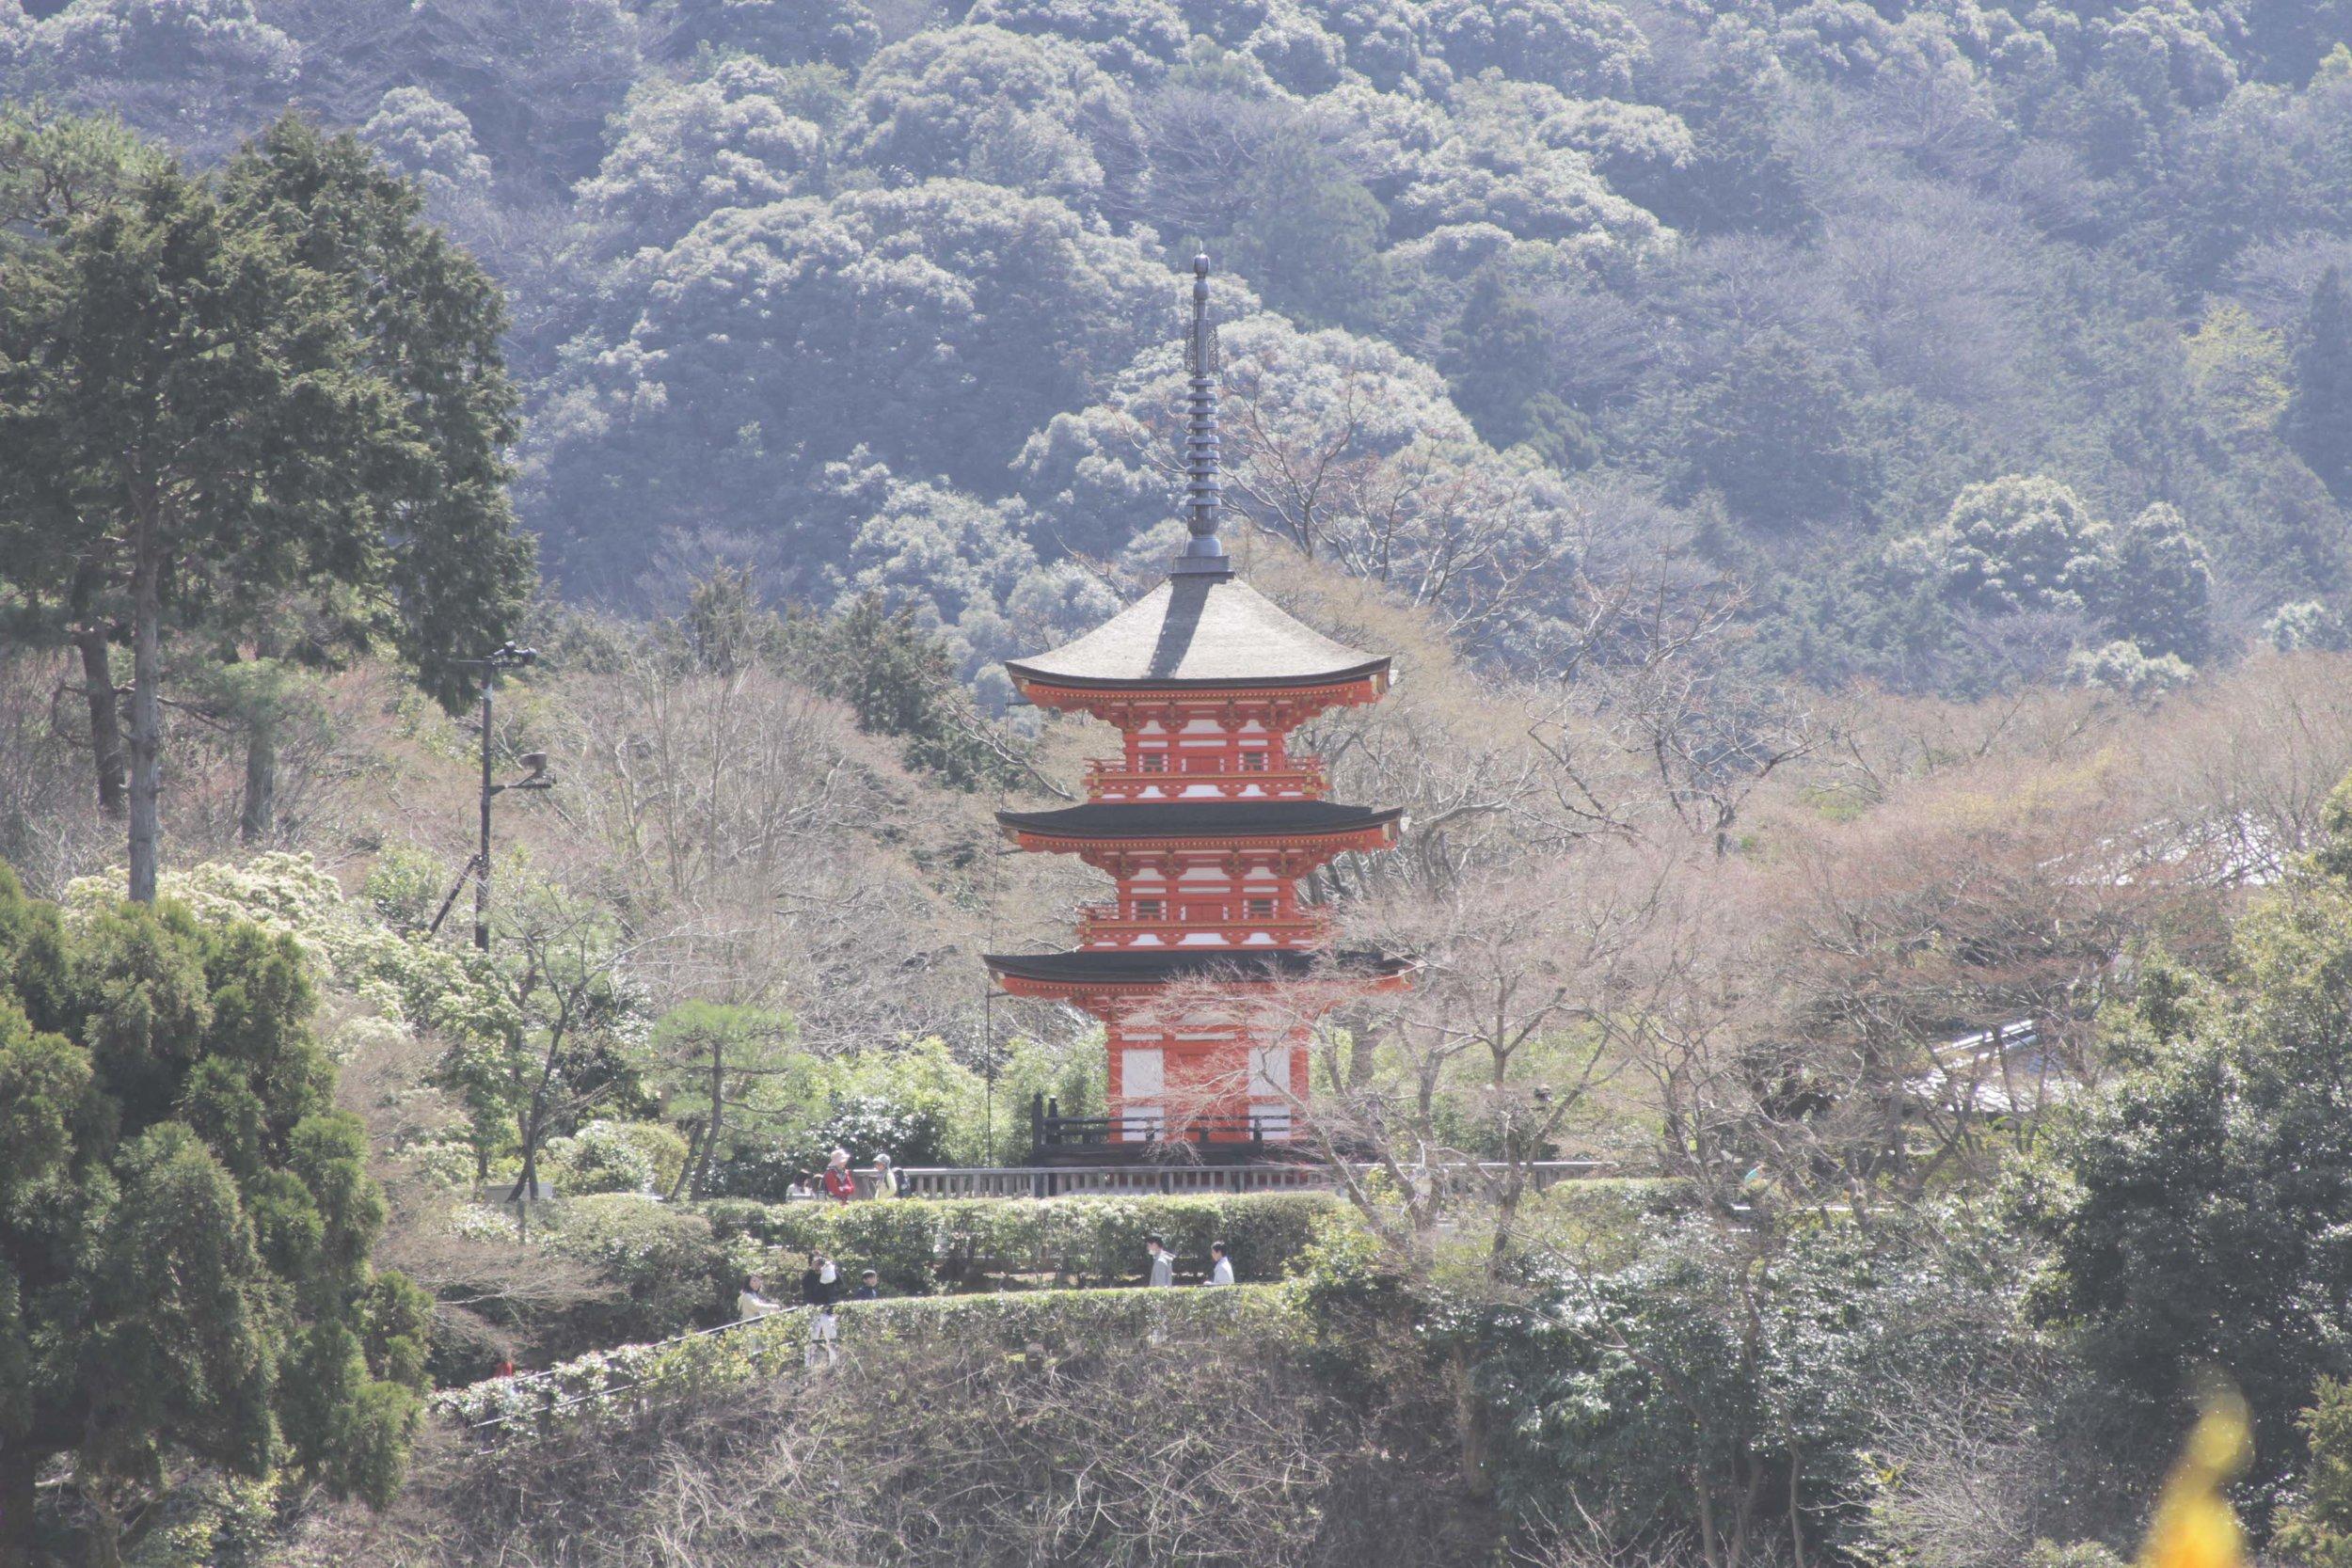 Pagode vermelho de 3 andares que se vê a partir da grande varanda do templo Kiyomizu-Dera.